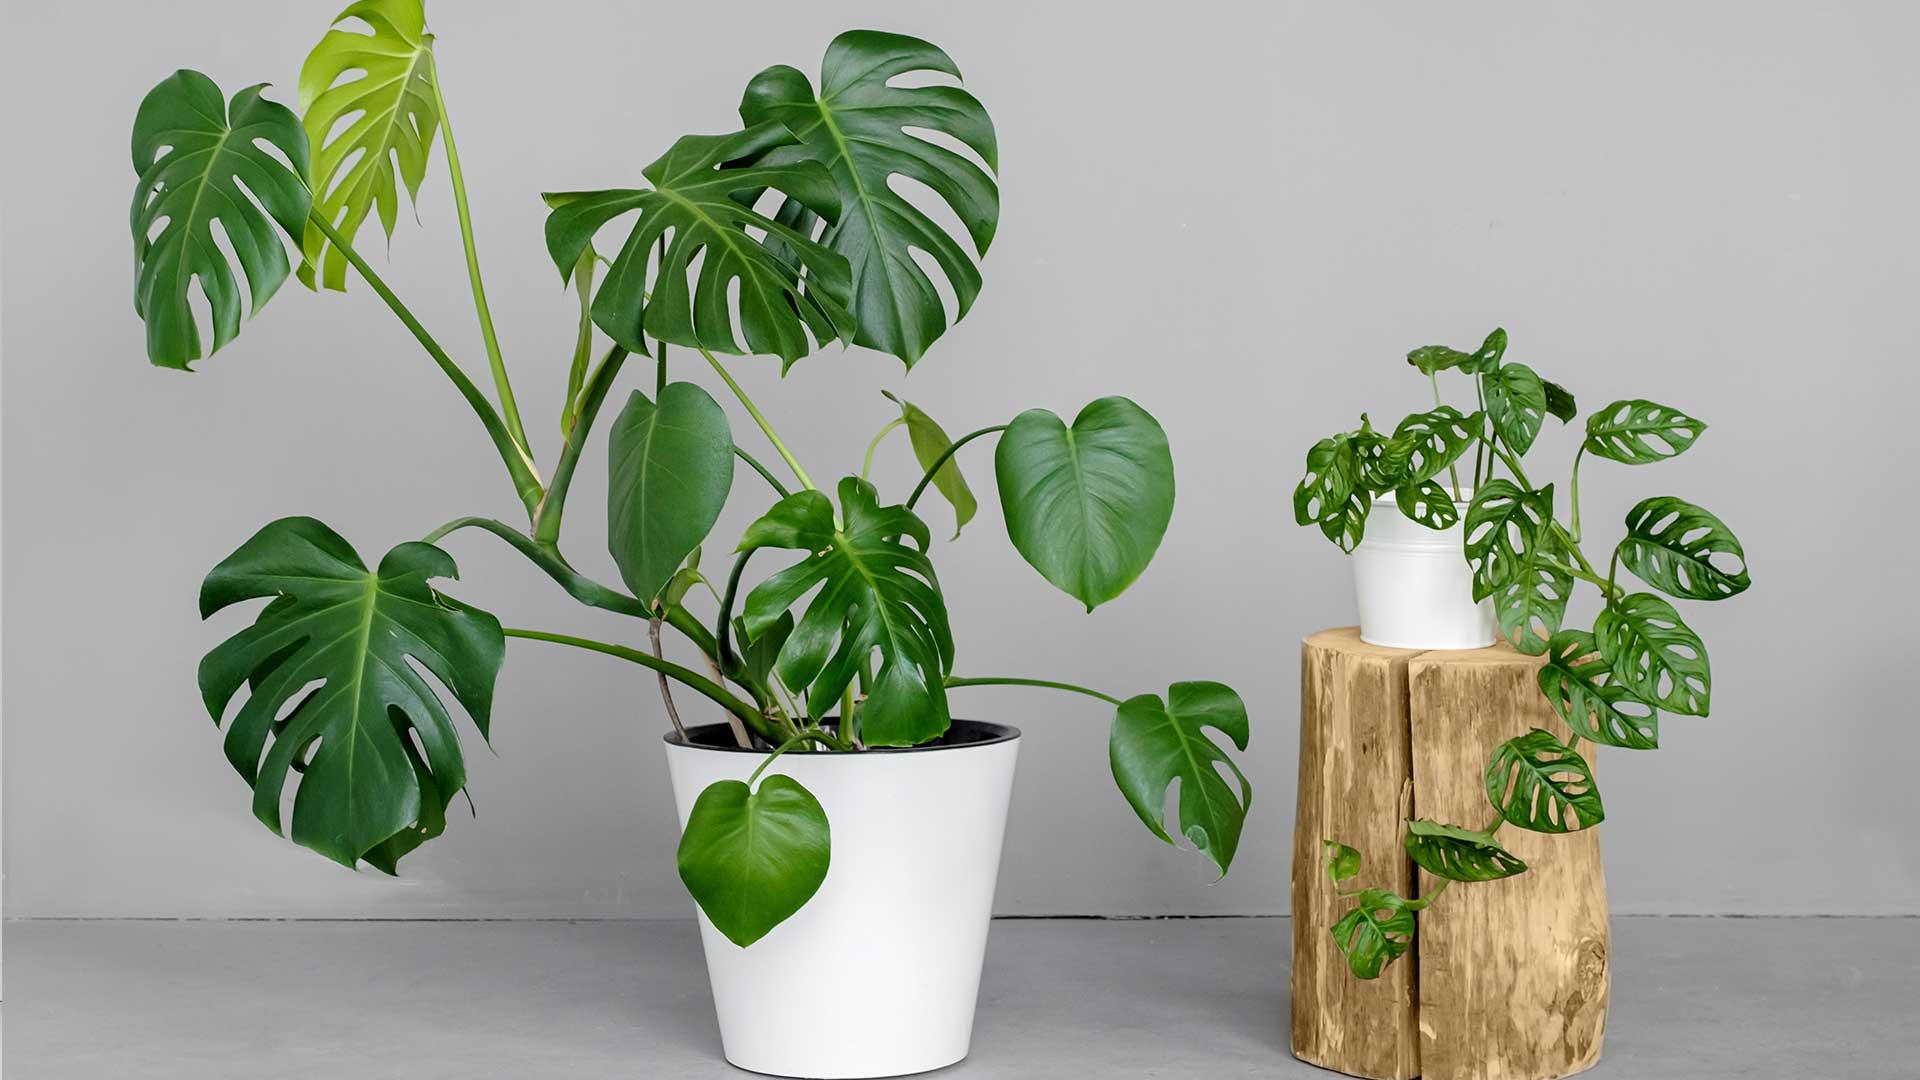 Indoor - Inspirationen für deinen Wohnraum - Philodendron/ Köstliches Fensterblatt (lat. Monstera deliciosa) - so geht's einfach desmondo